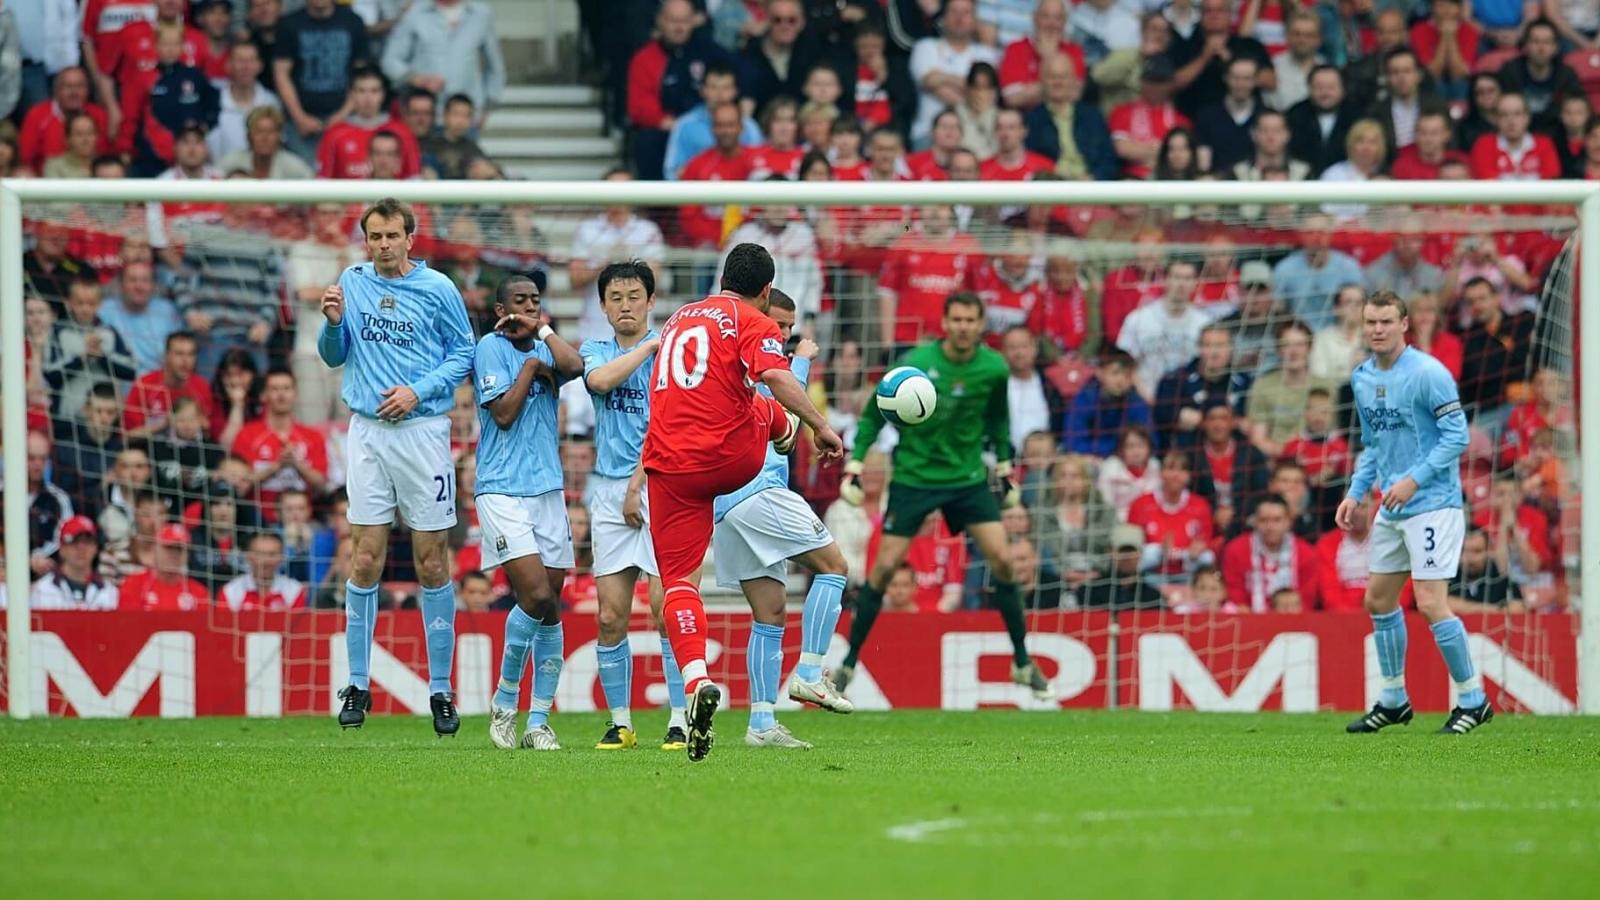 Ngày này năm xưa: Man City nhận trận thua đậm nhất ở Ngoại hạng Anh